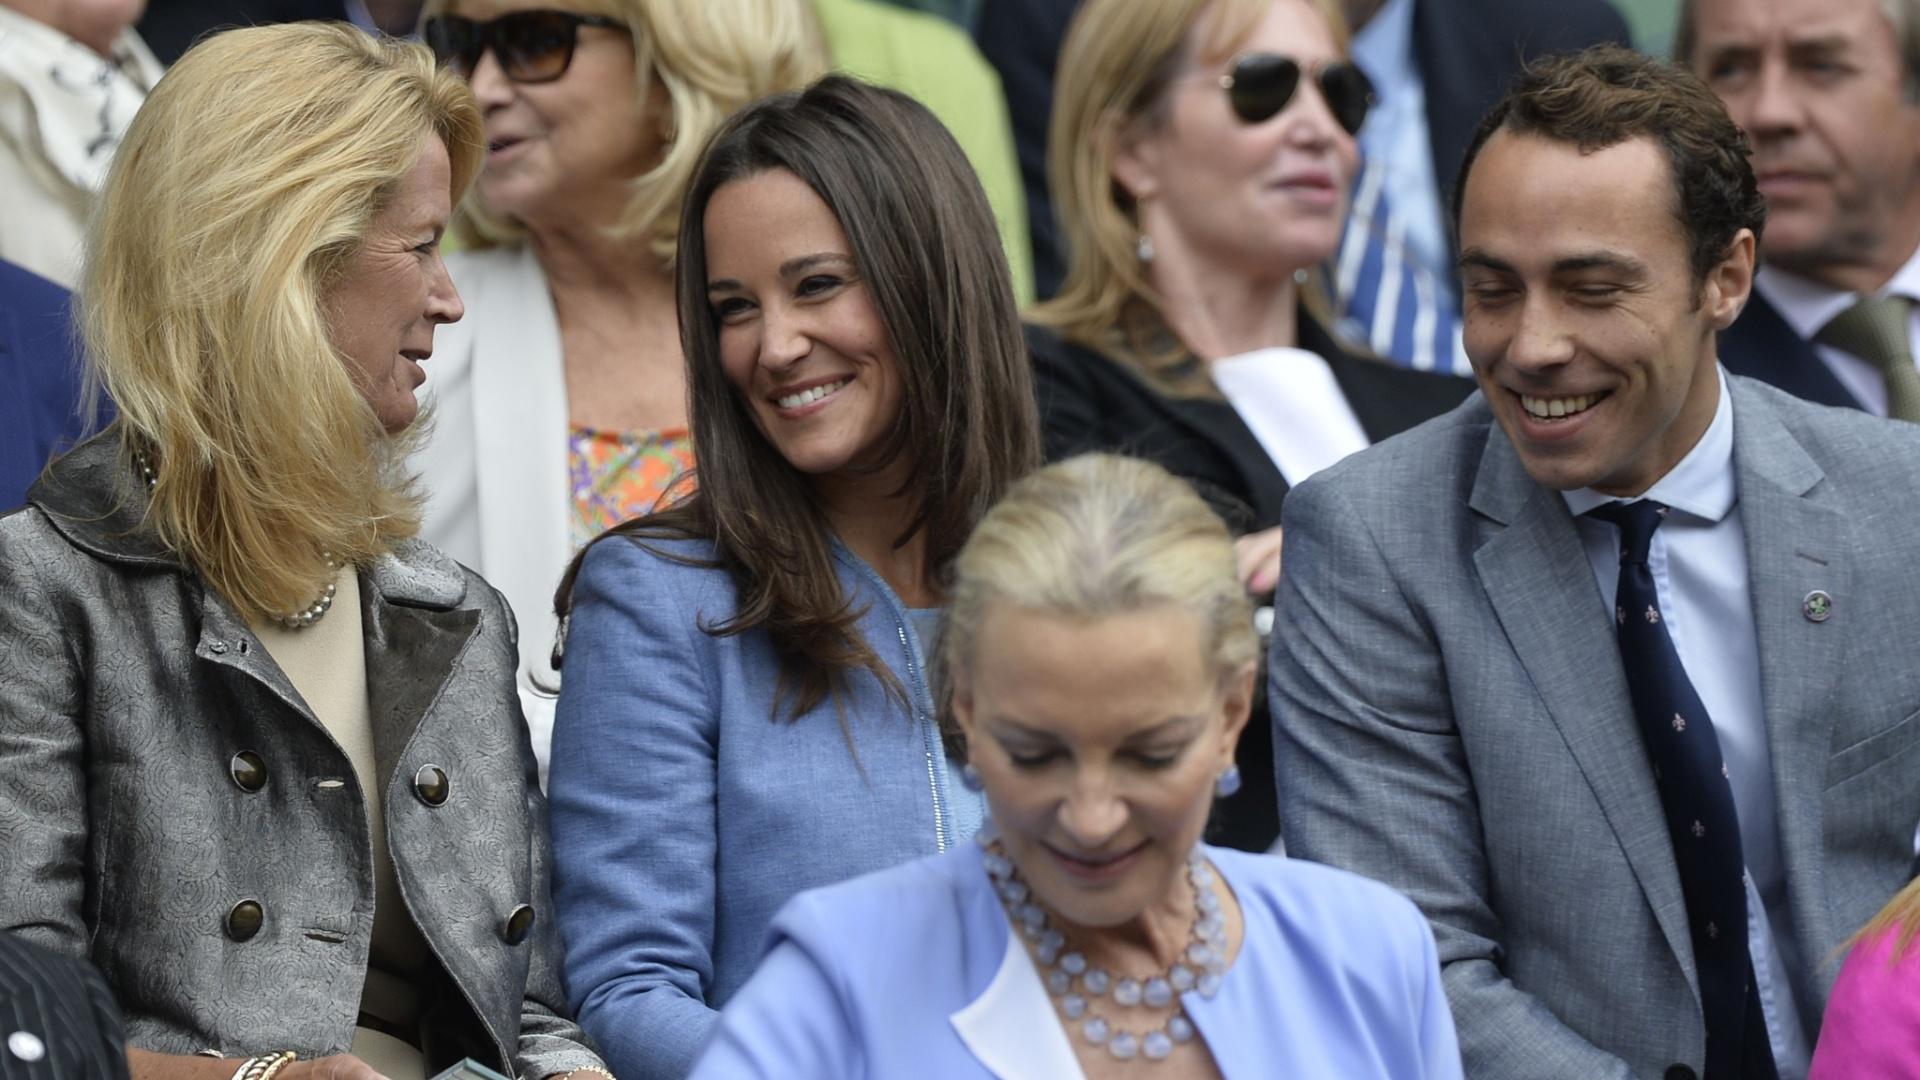 24.jun.2013 - Pippa e James Middleton, irmãos da duquesa de Cambridge Kate Middleton, assistem à estreia de Roger Federer em Wimbledon